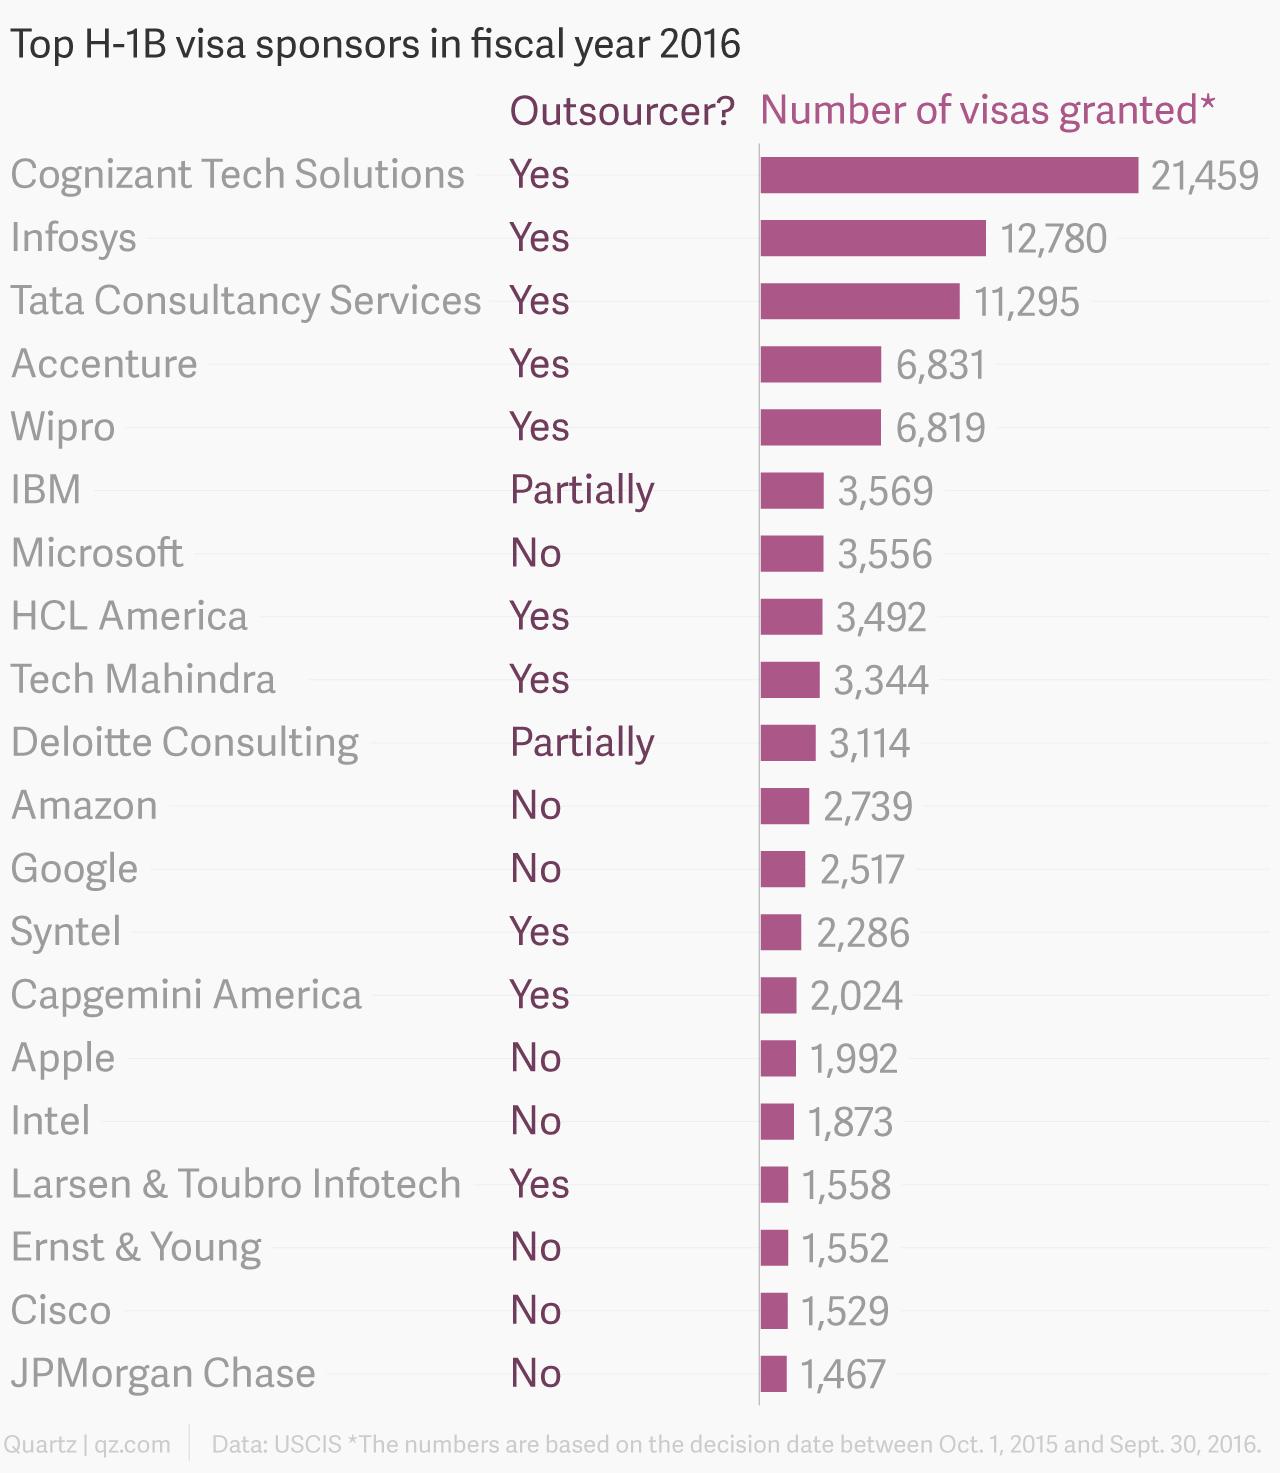 Top 20 H-1B sponsors in 2016